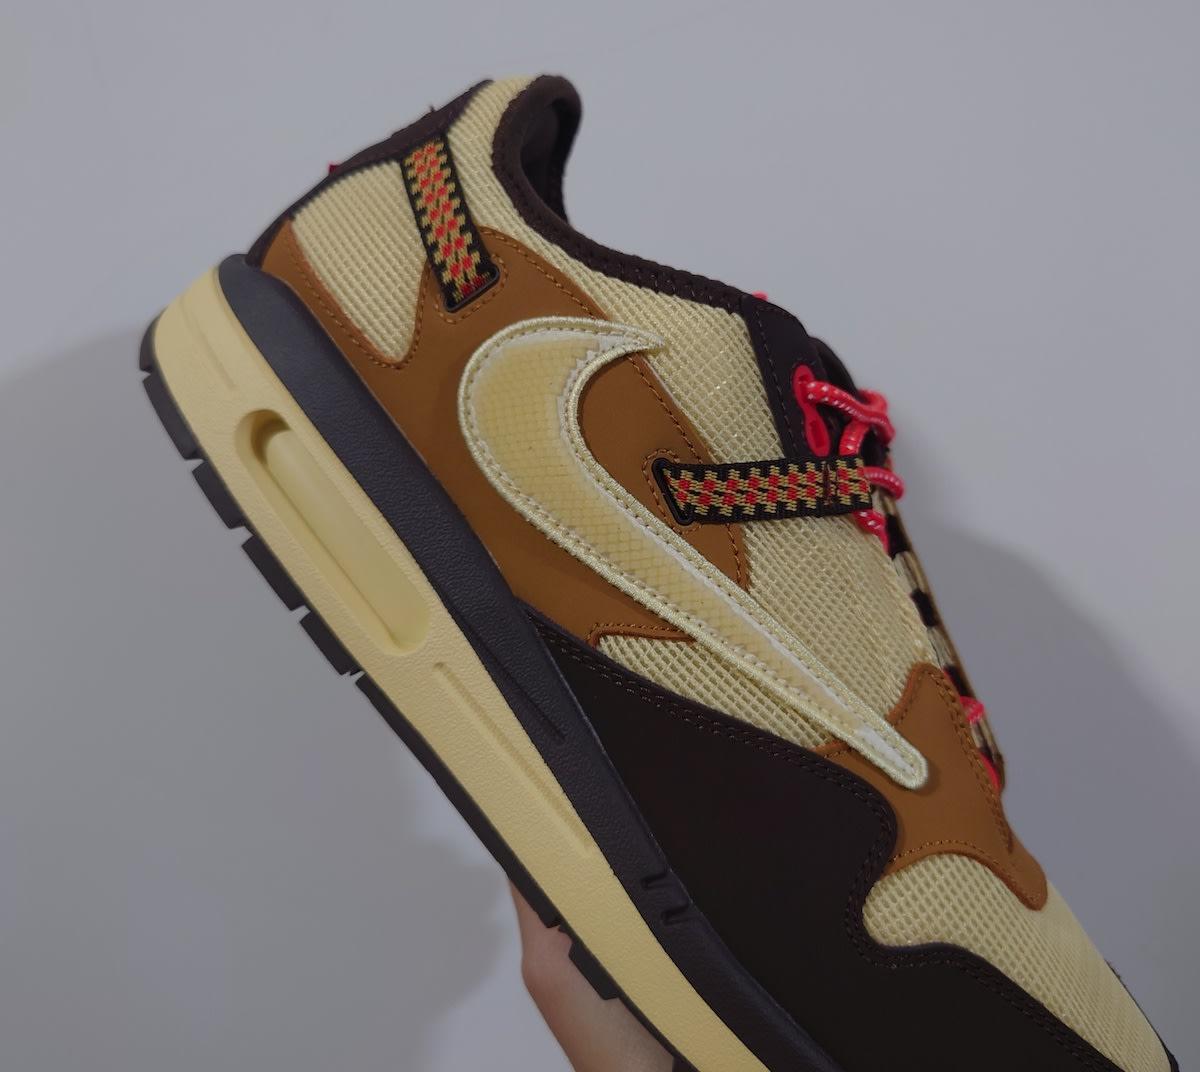 Travis Scott x Nike Air Max 1 Collab Side